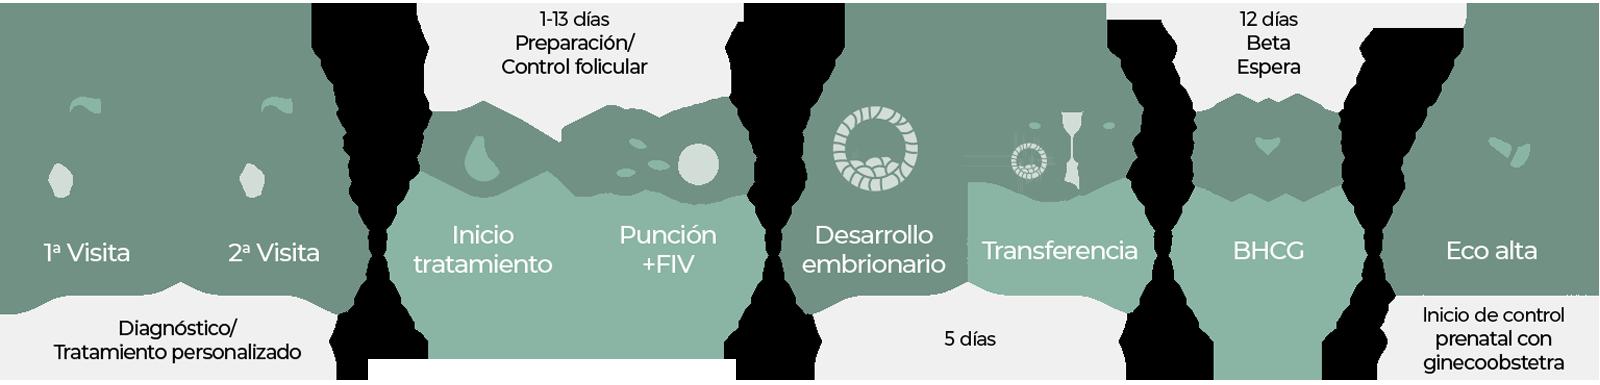 Proceso Fertilización in Vitro en Centro Fecundar